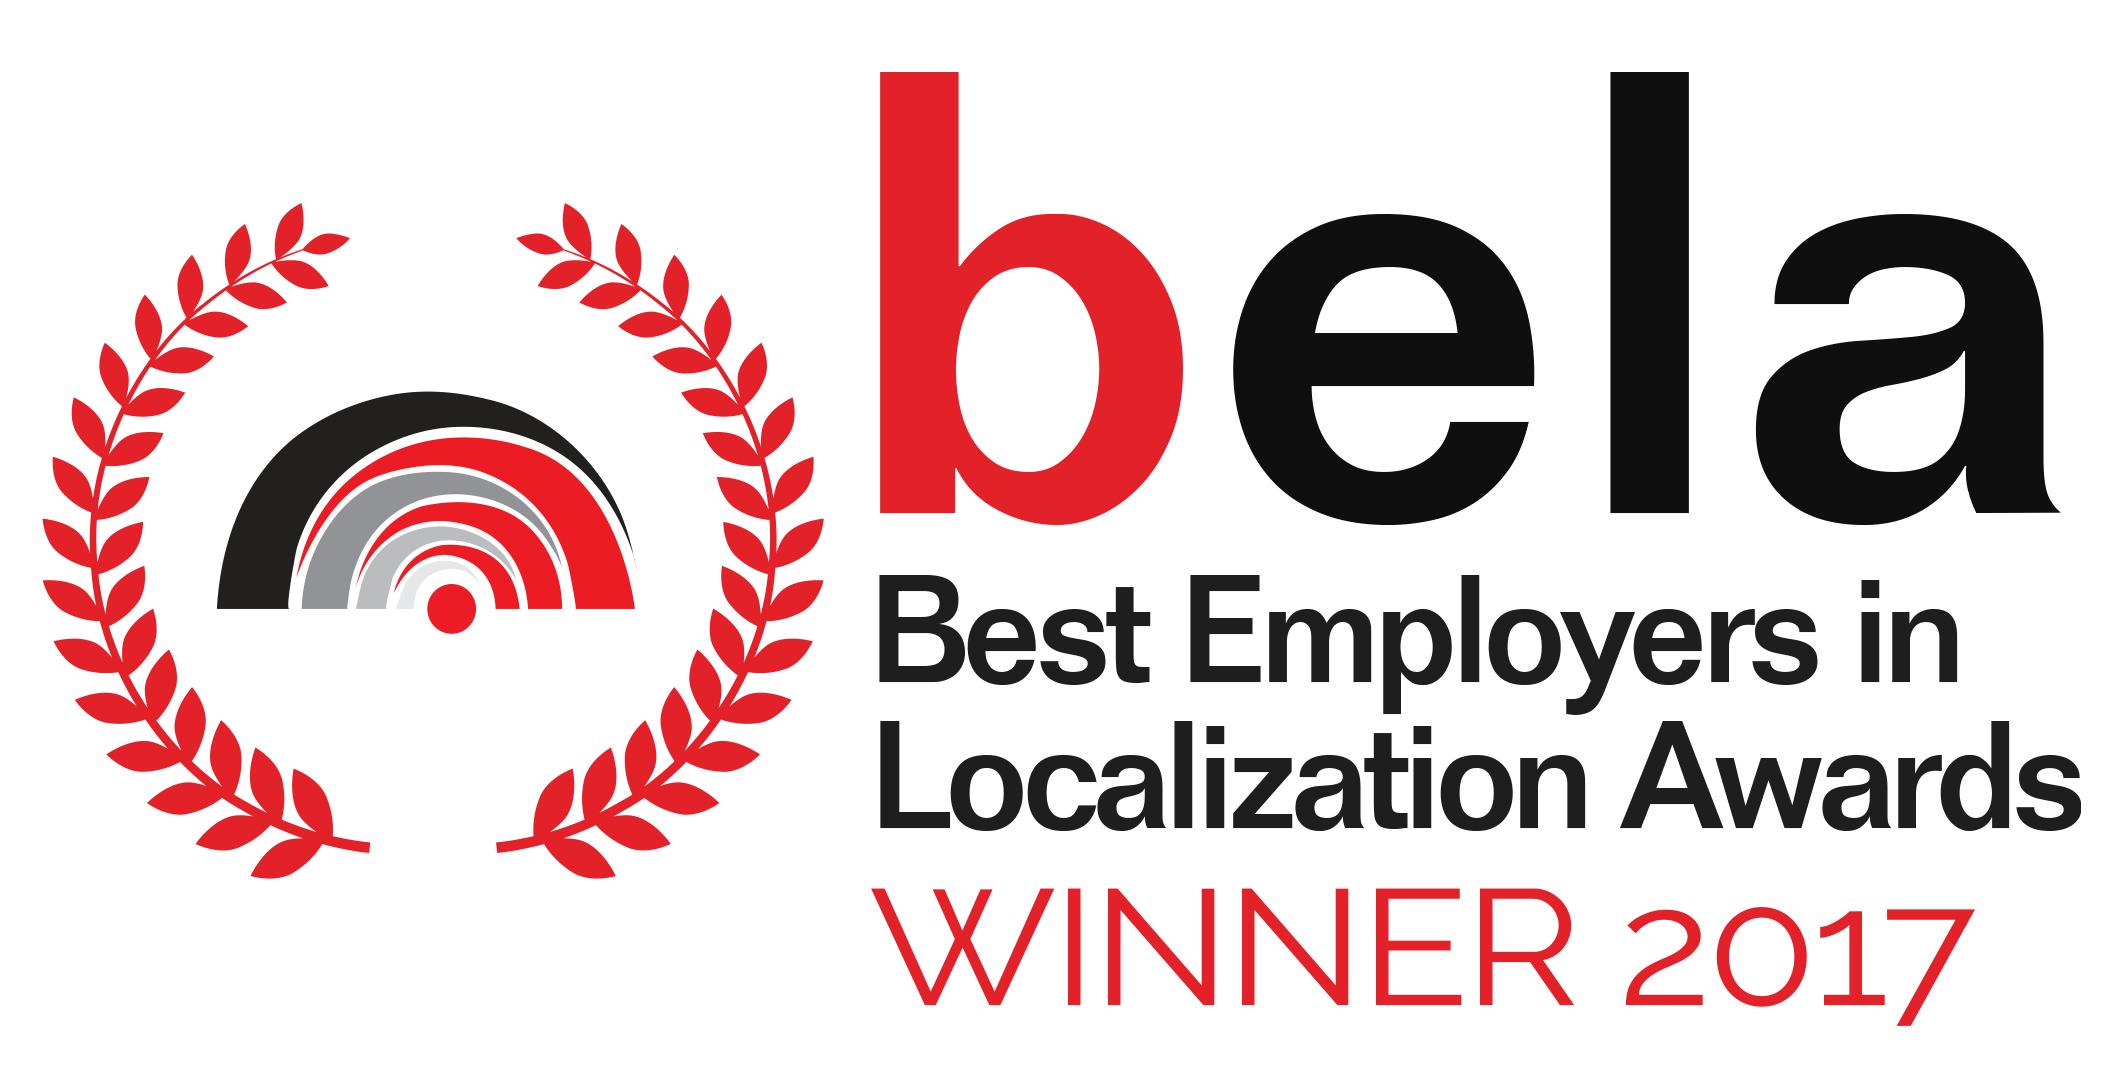 best employer in localization winner